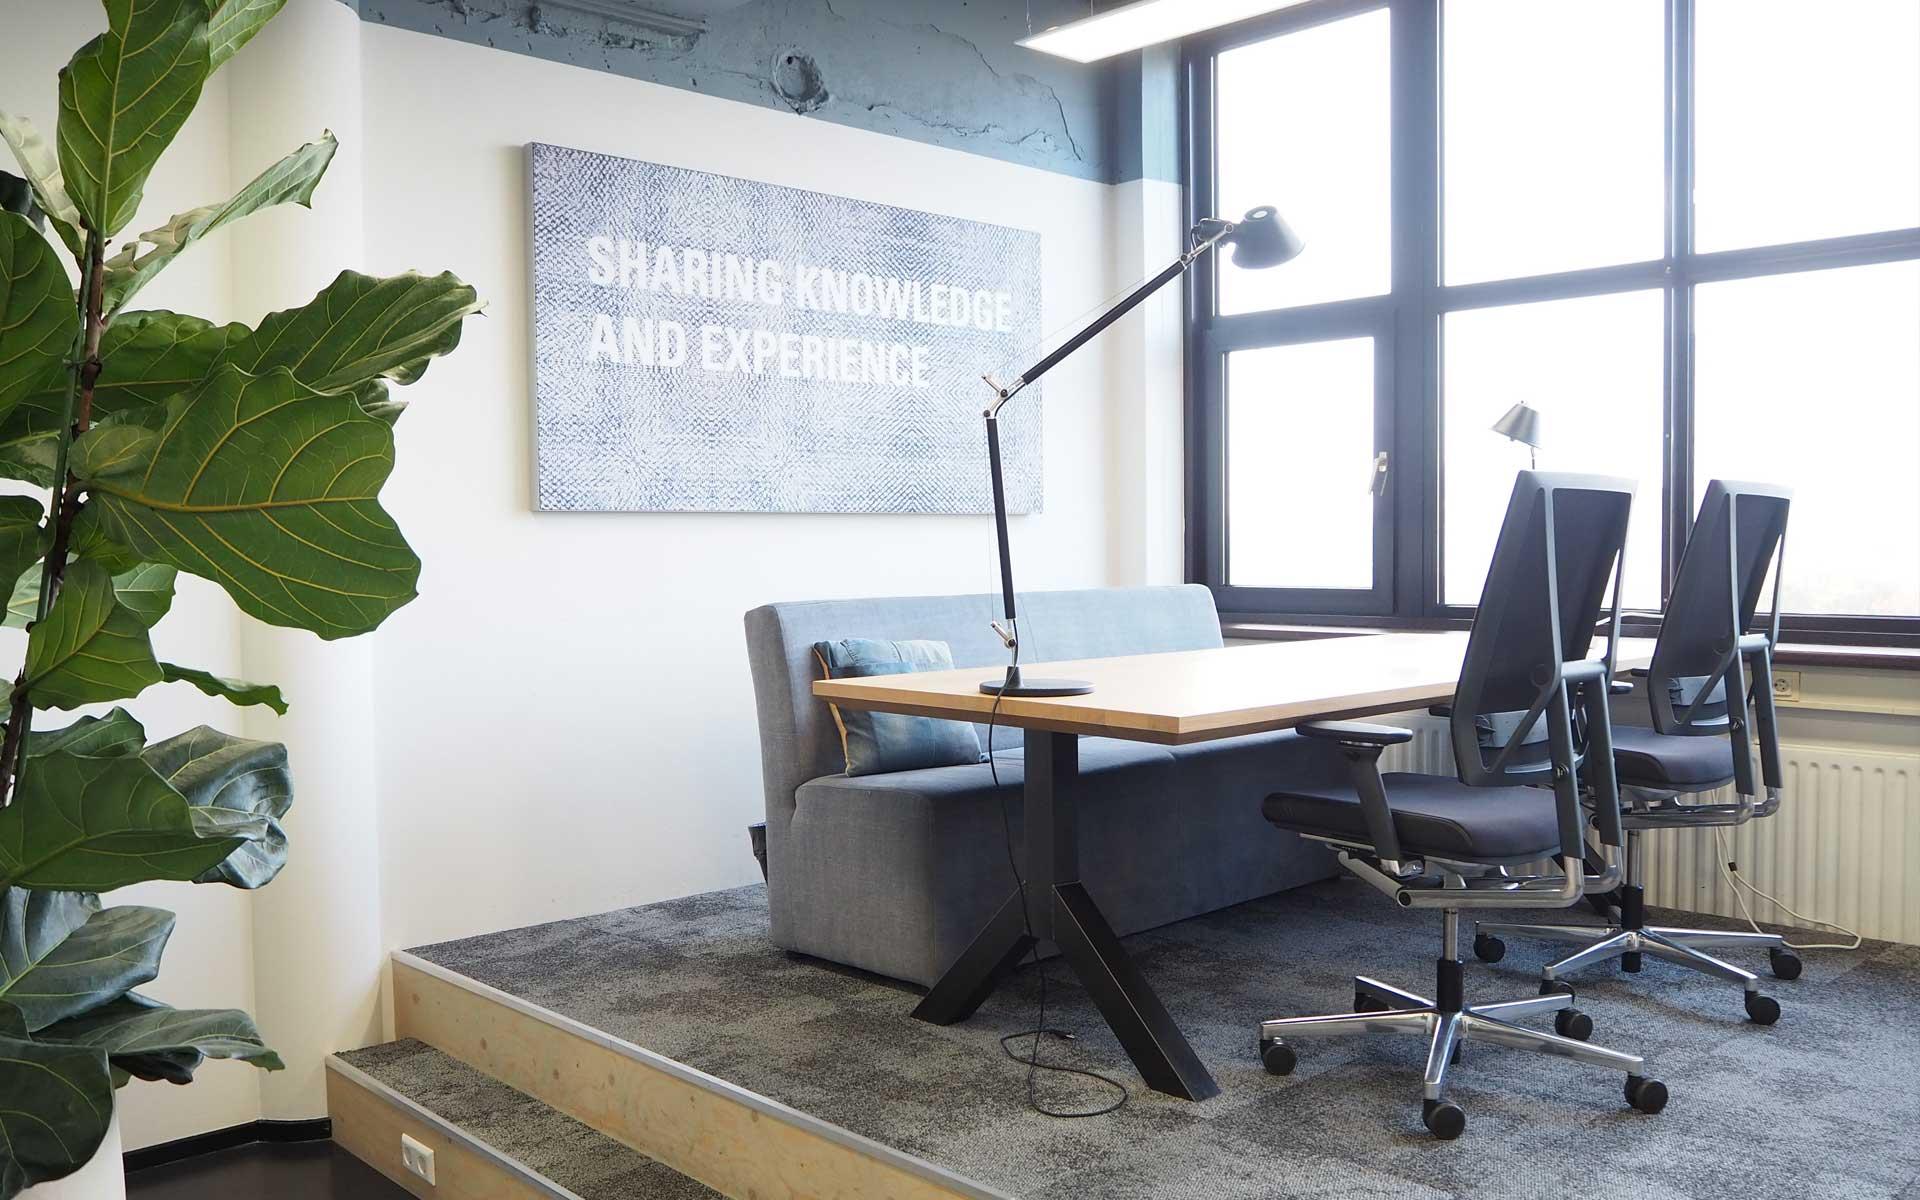 werkplek-inrichting-podium-met-uitzicht-fijn-werken